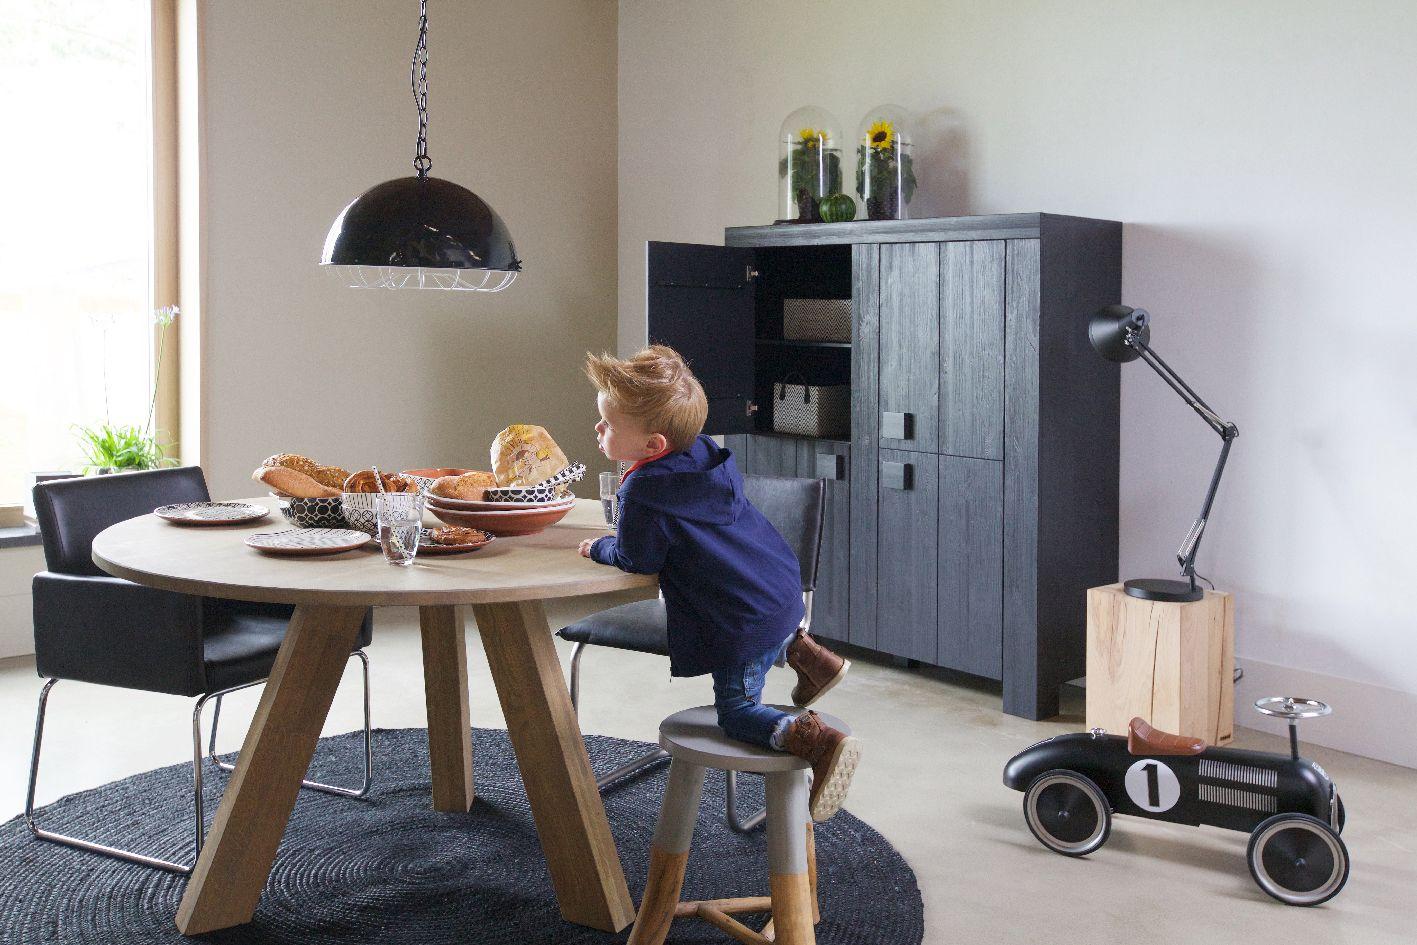 Woood Tafel Rond : Woood rhonda voorkeur eettafel rond cm zwart eiken met ronde